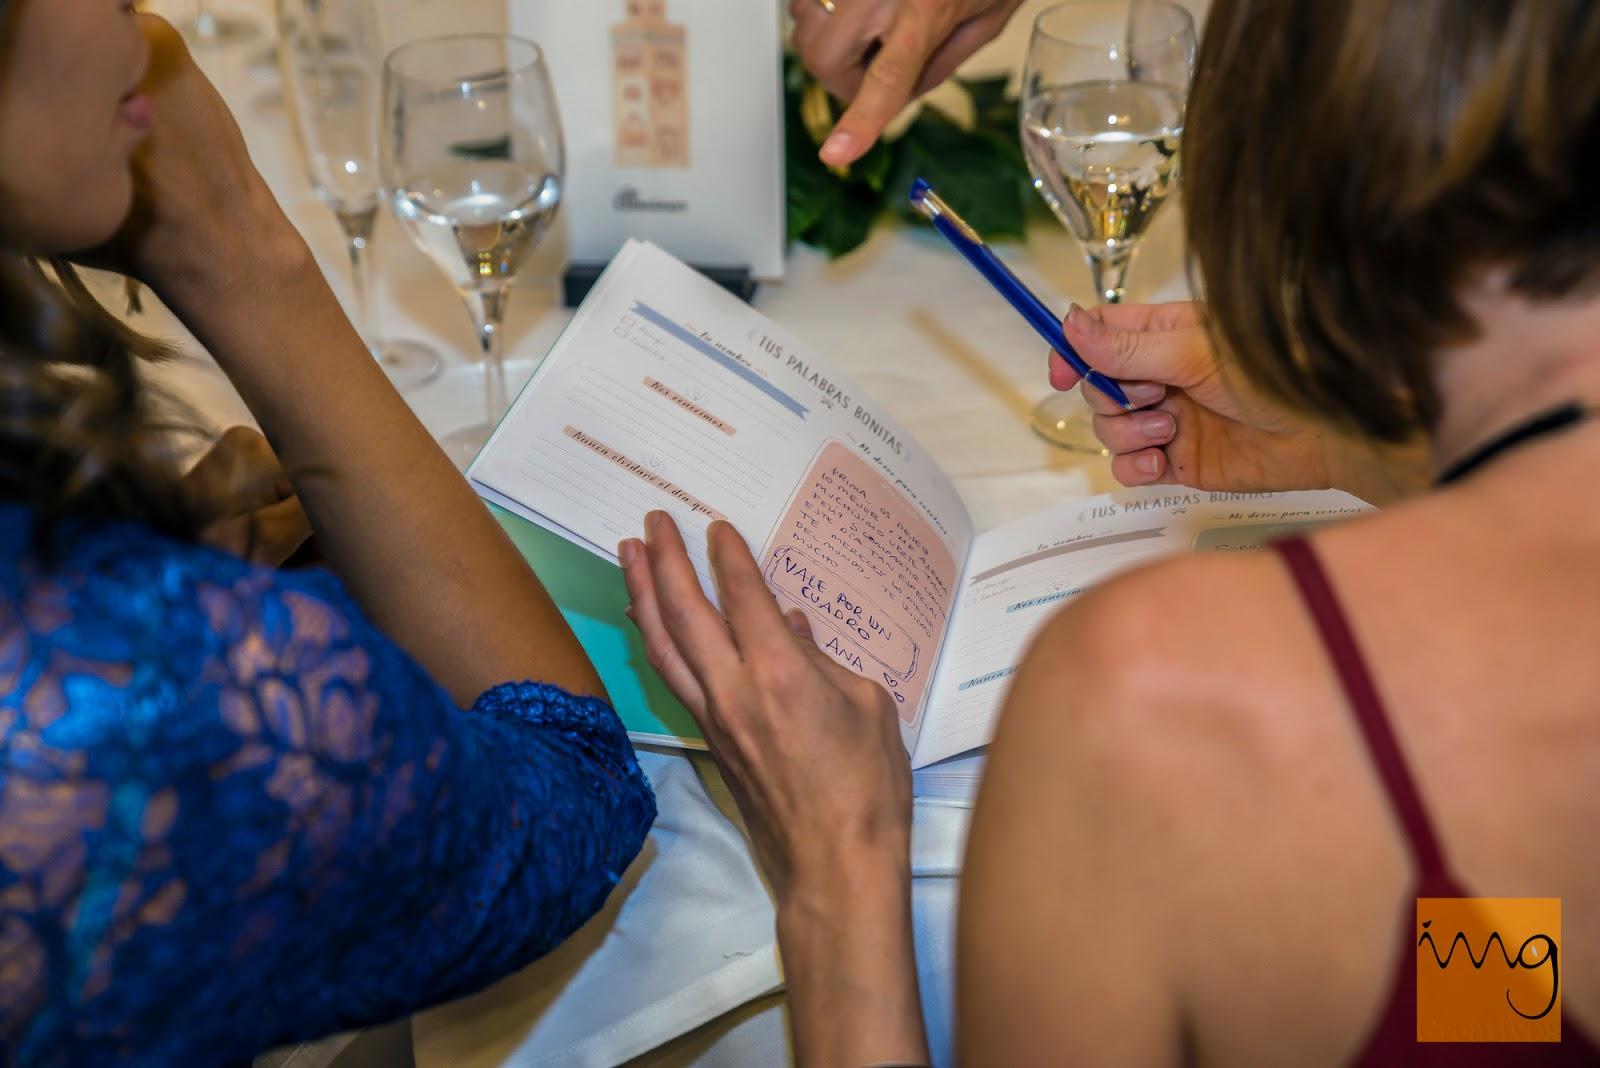 Fotografía de boda con el libro de firmas